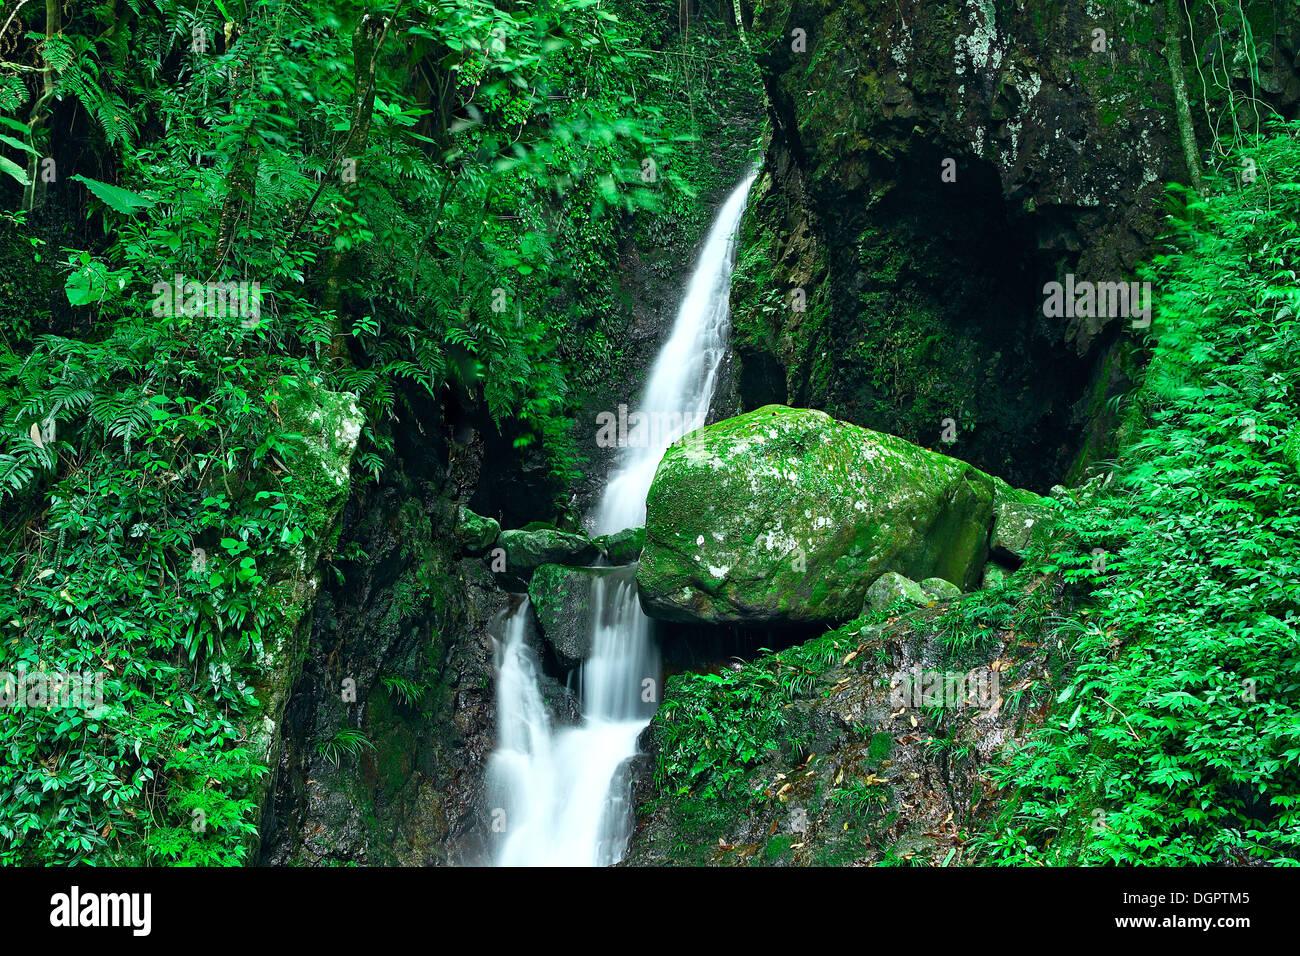 Akaka Falls Wallpaper Deep Forest Waterfall Stock Photo 61967925 Alamy